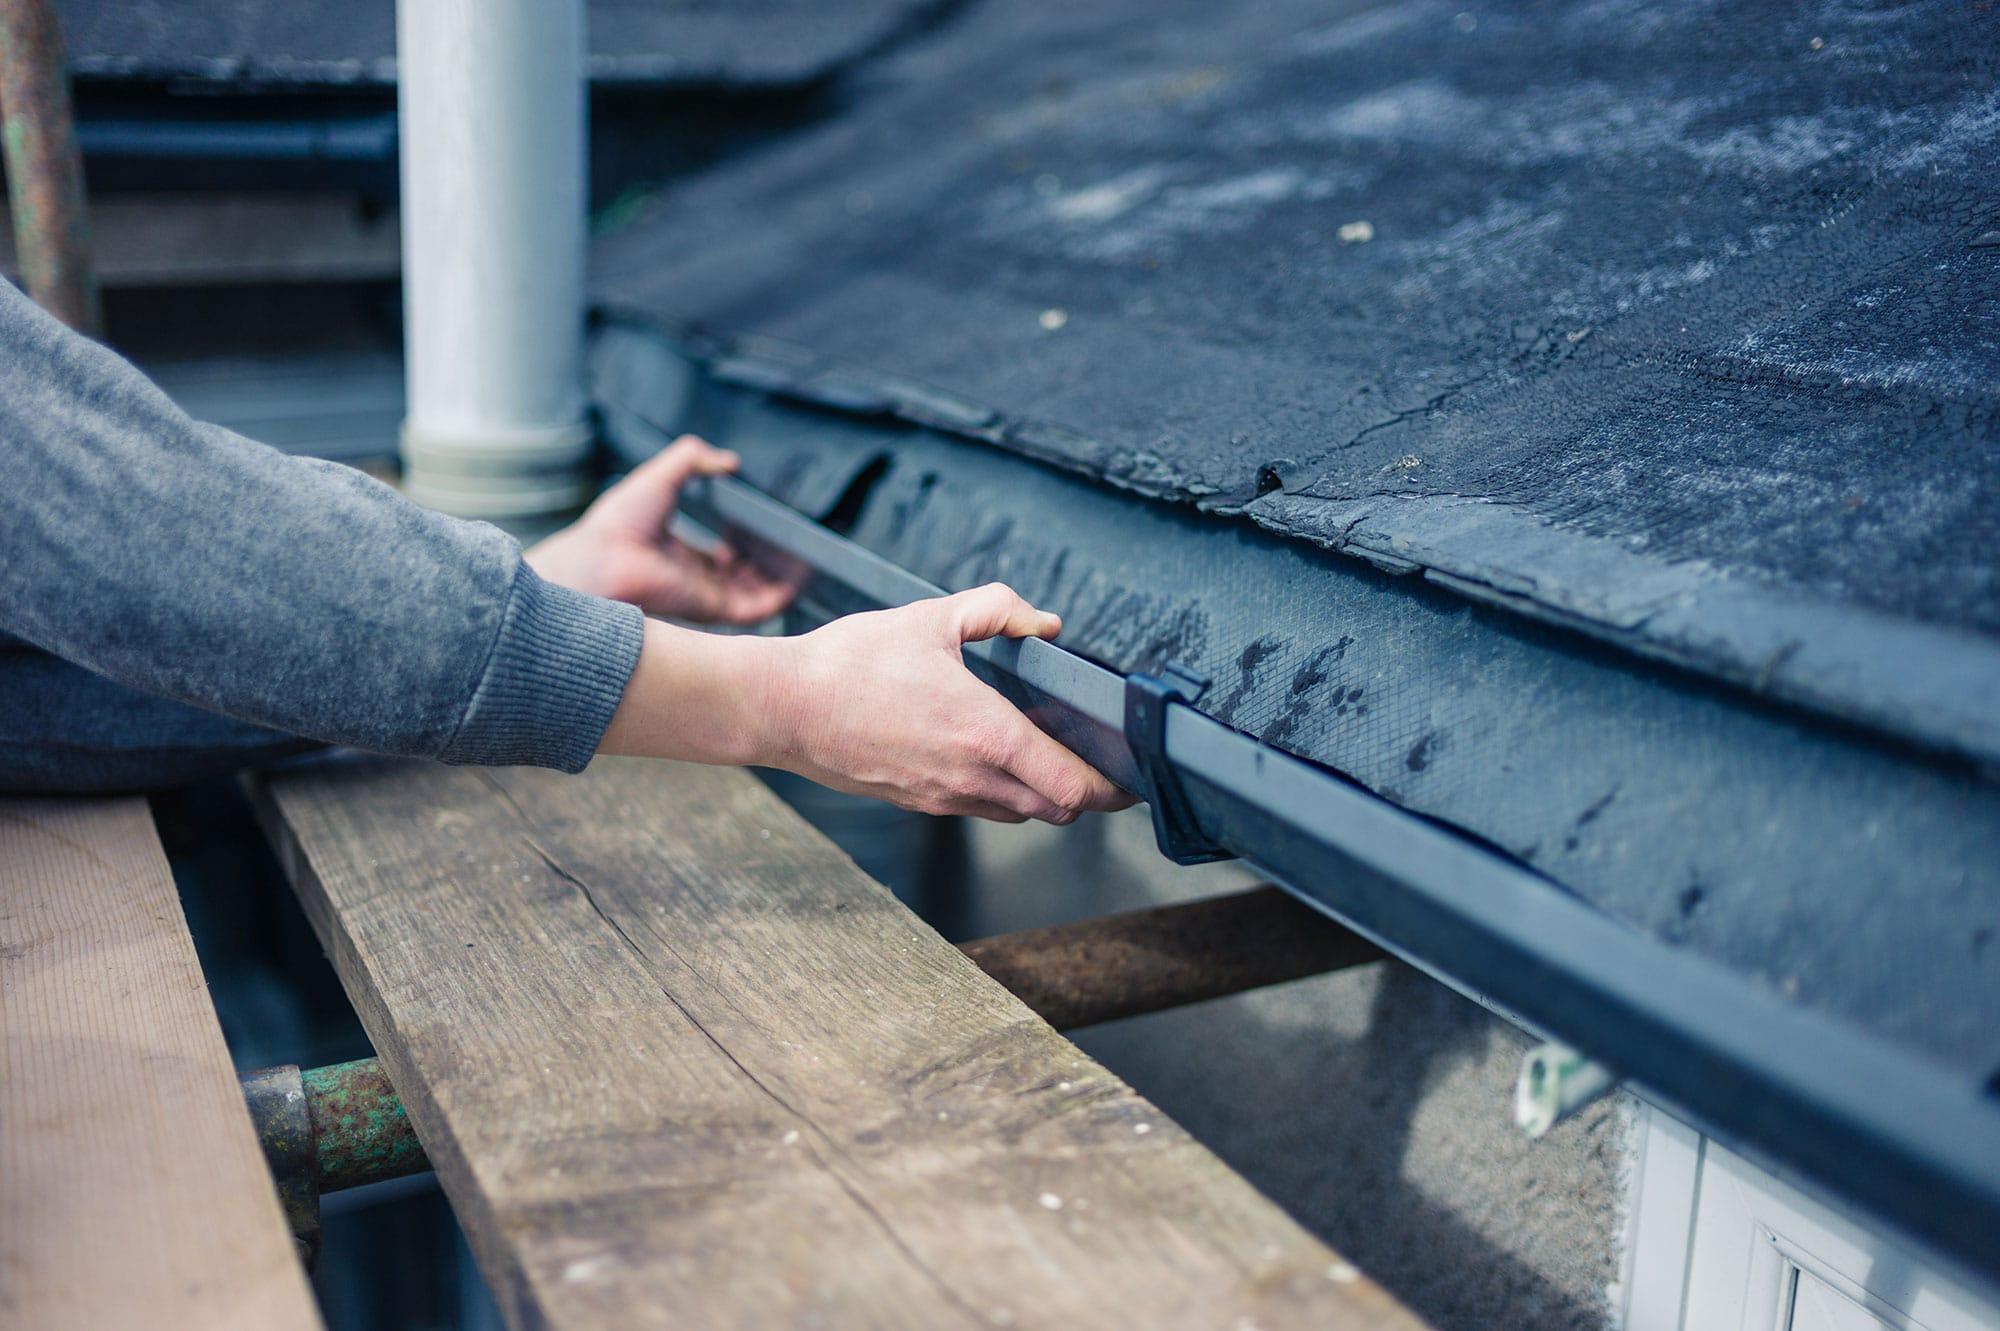 Hands adjusting gutter on roof